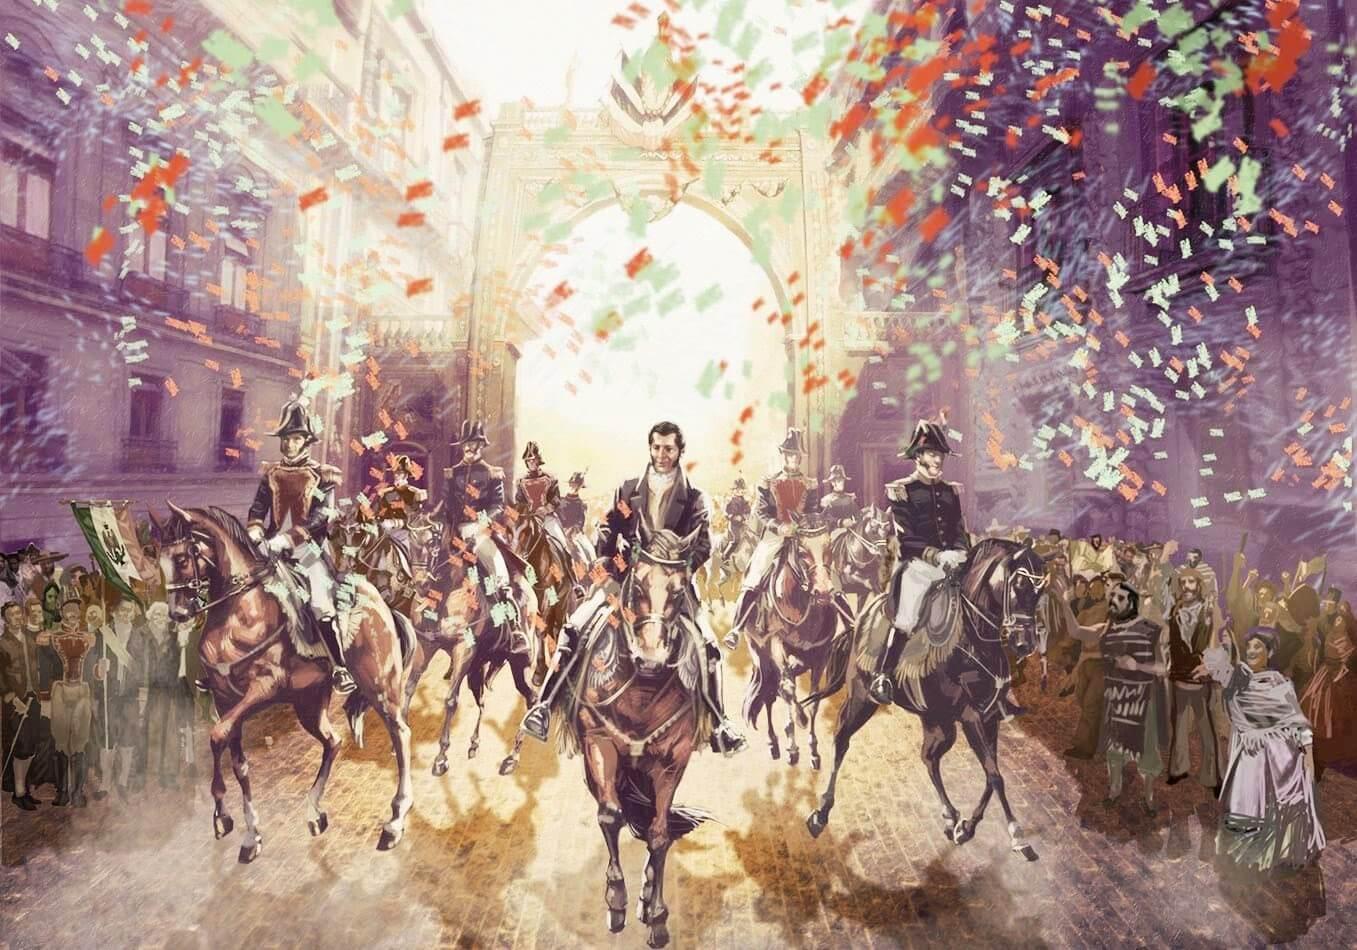 Entrada triunfante del Ejército Trigarante, inició de México independiente